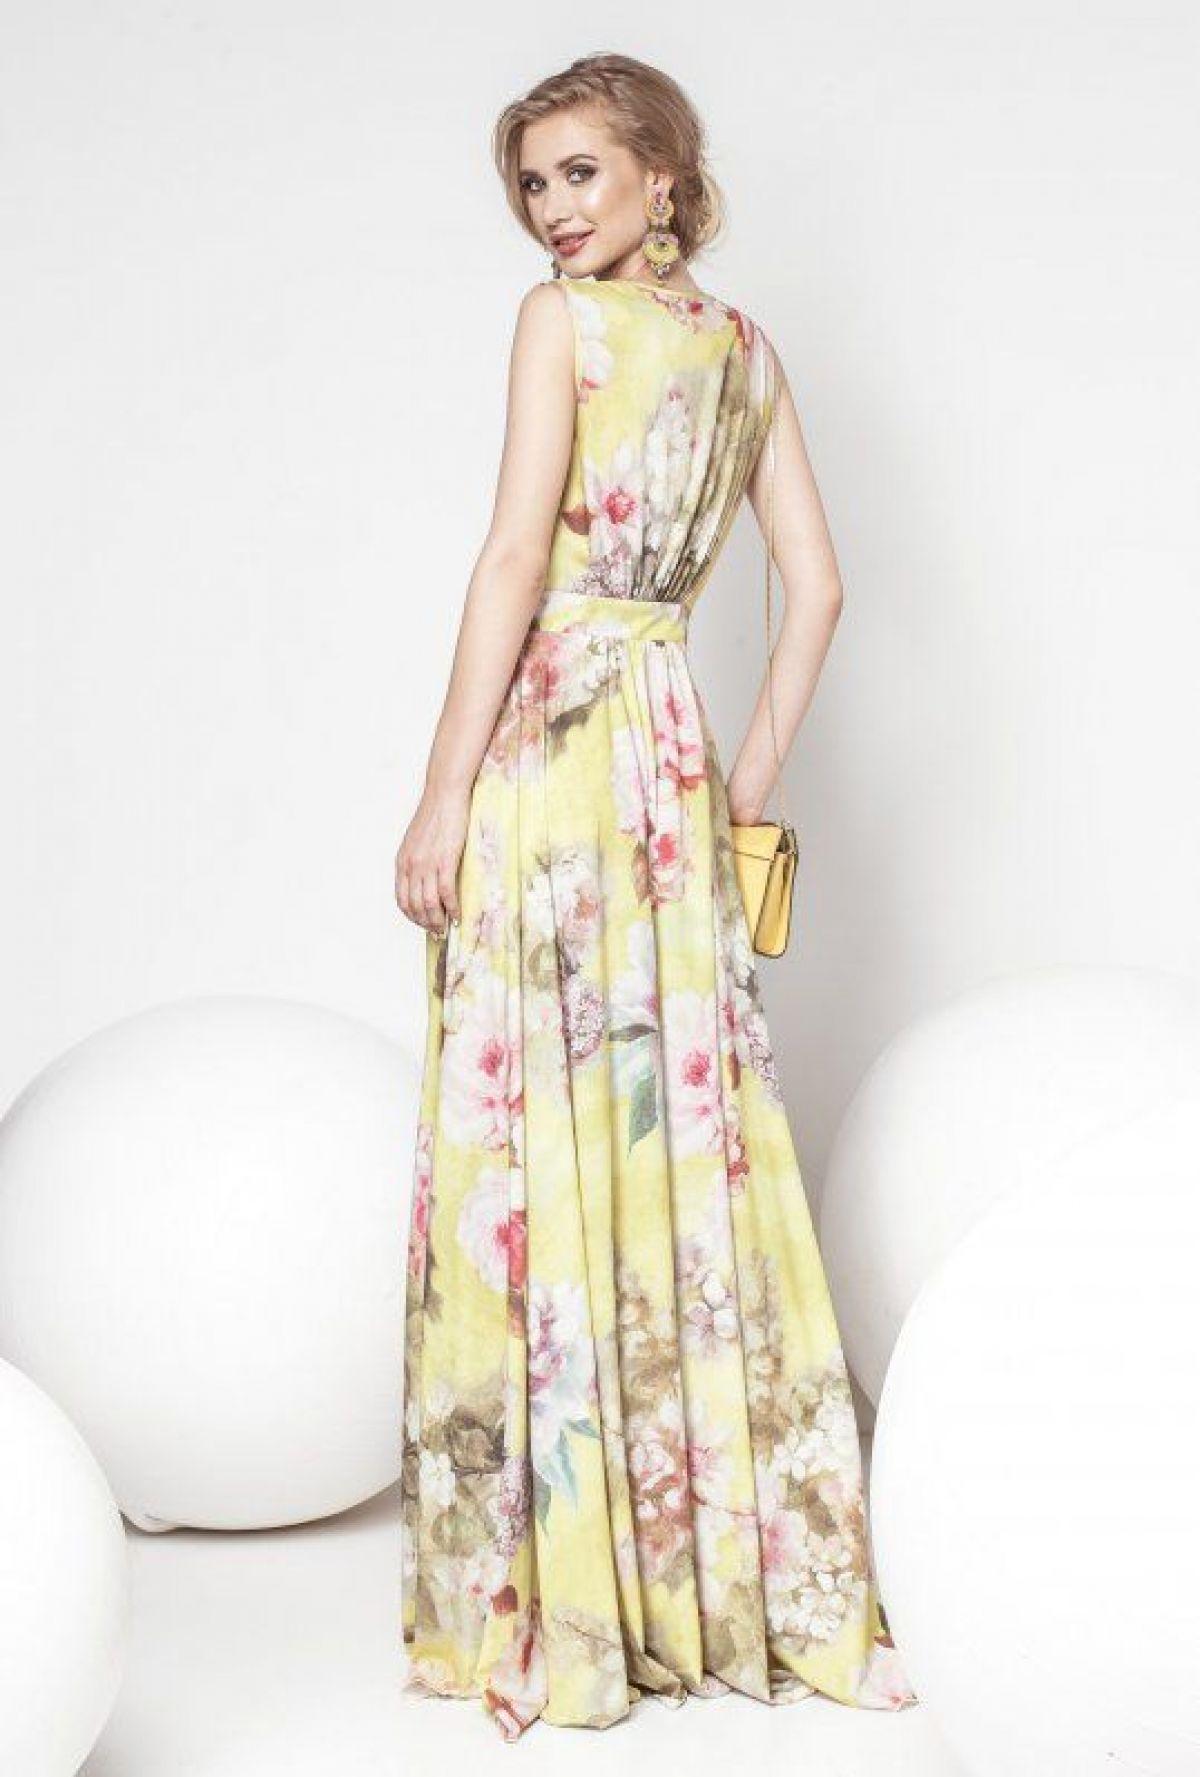 Rochie Pretty Girl lunga galben cu imprimeu floral